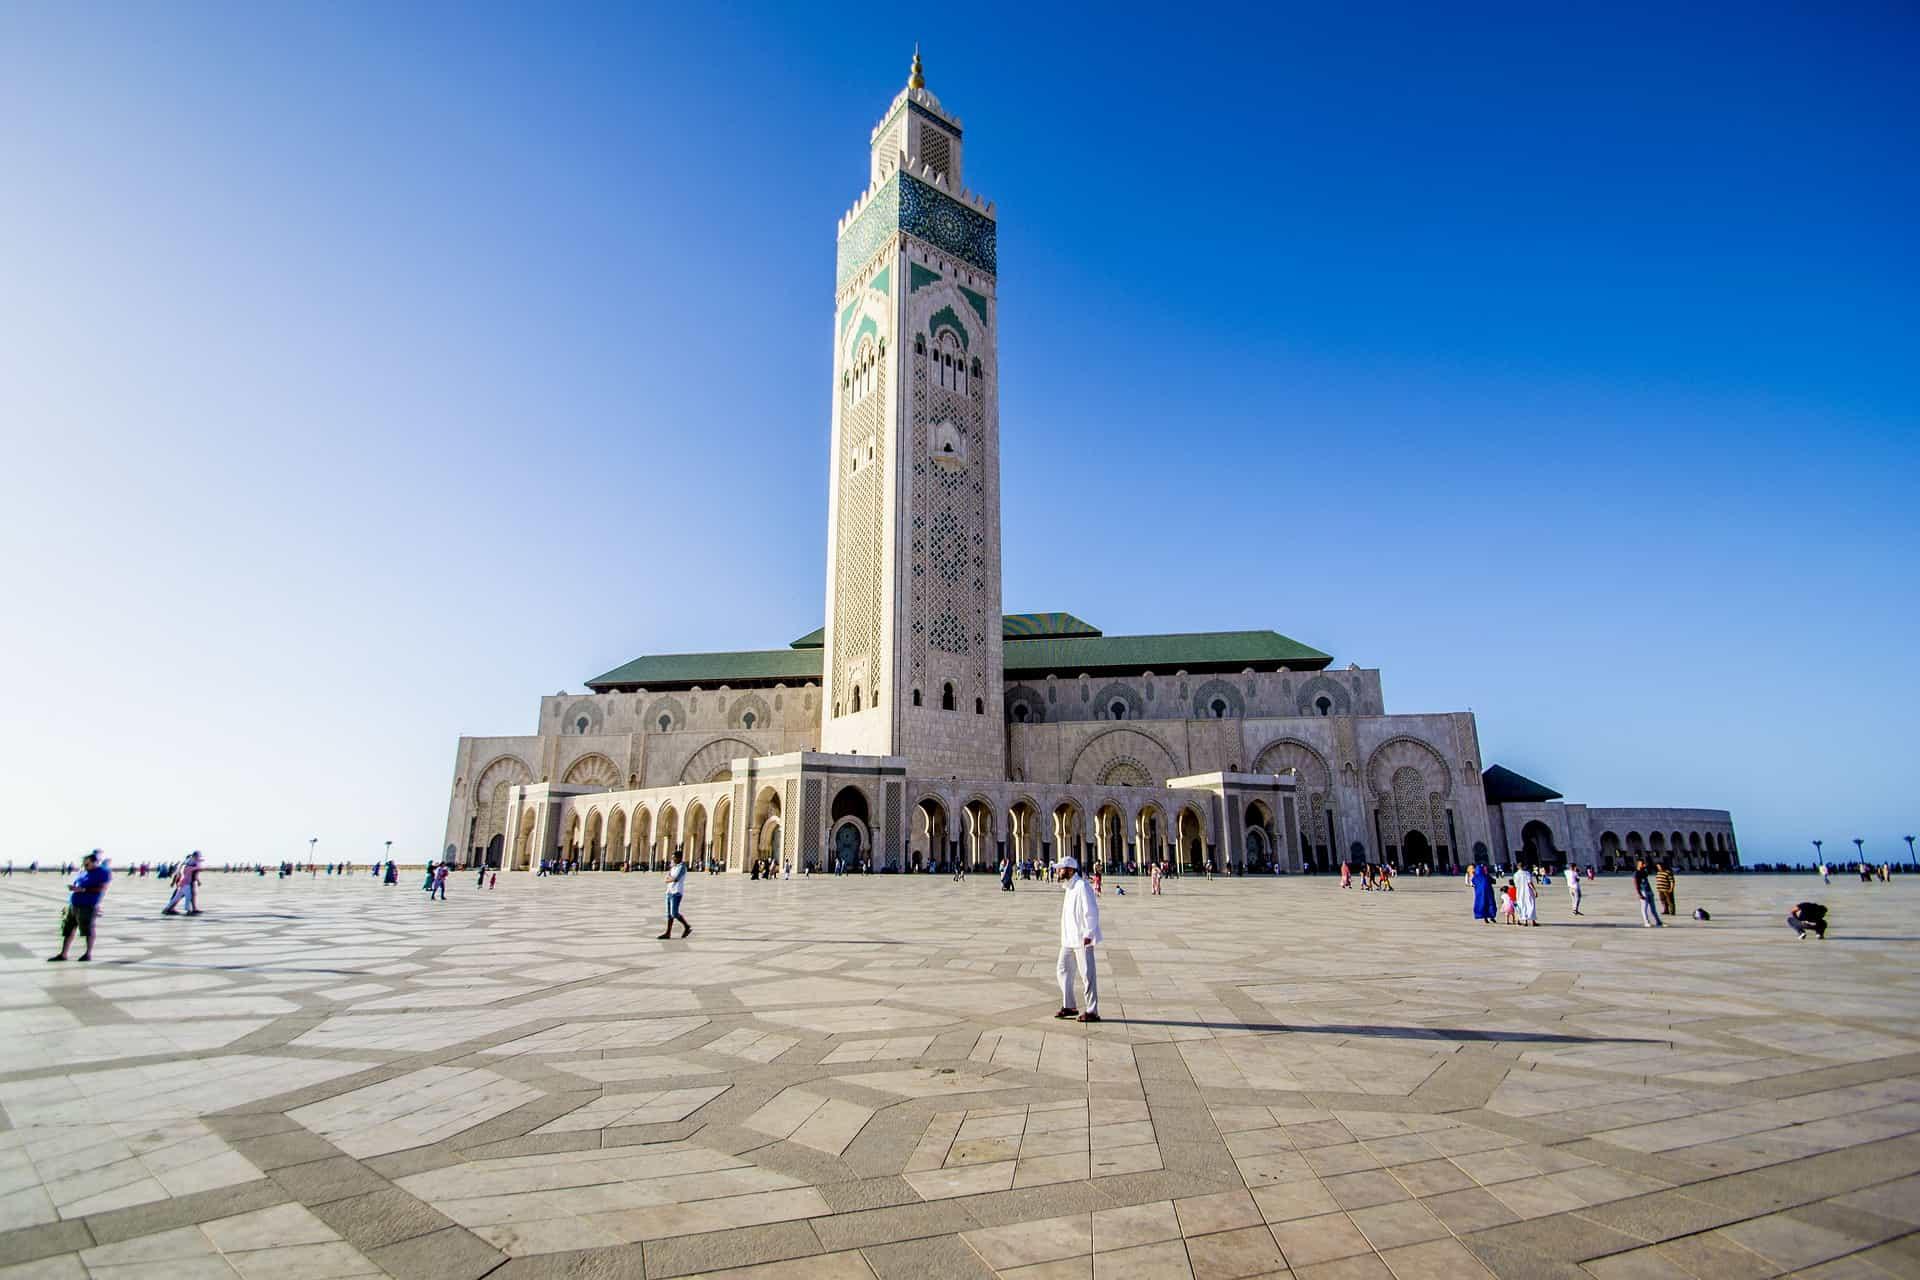 Hassan Moschee direkt am Attlantik - Casablanca Städtereise